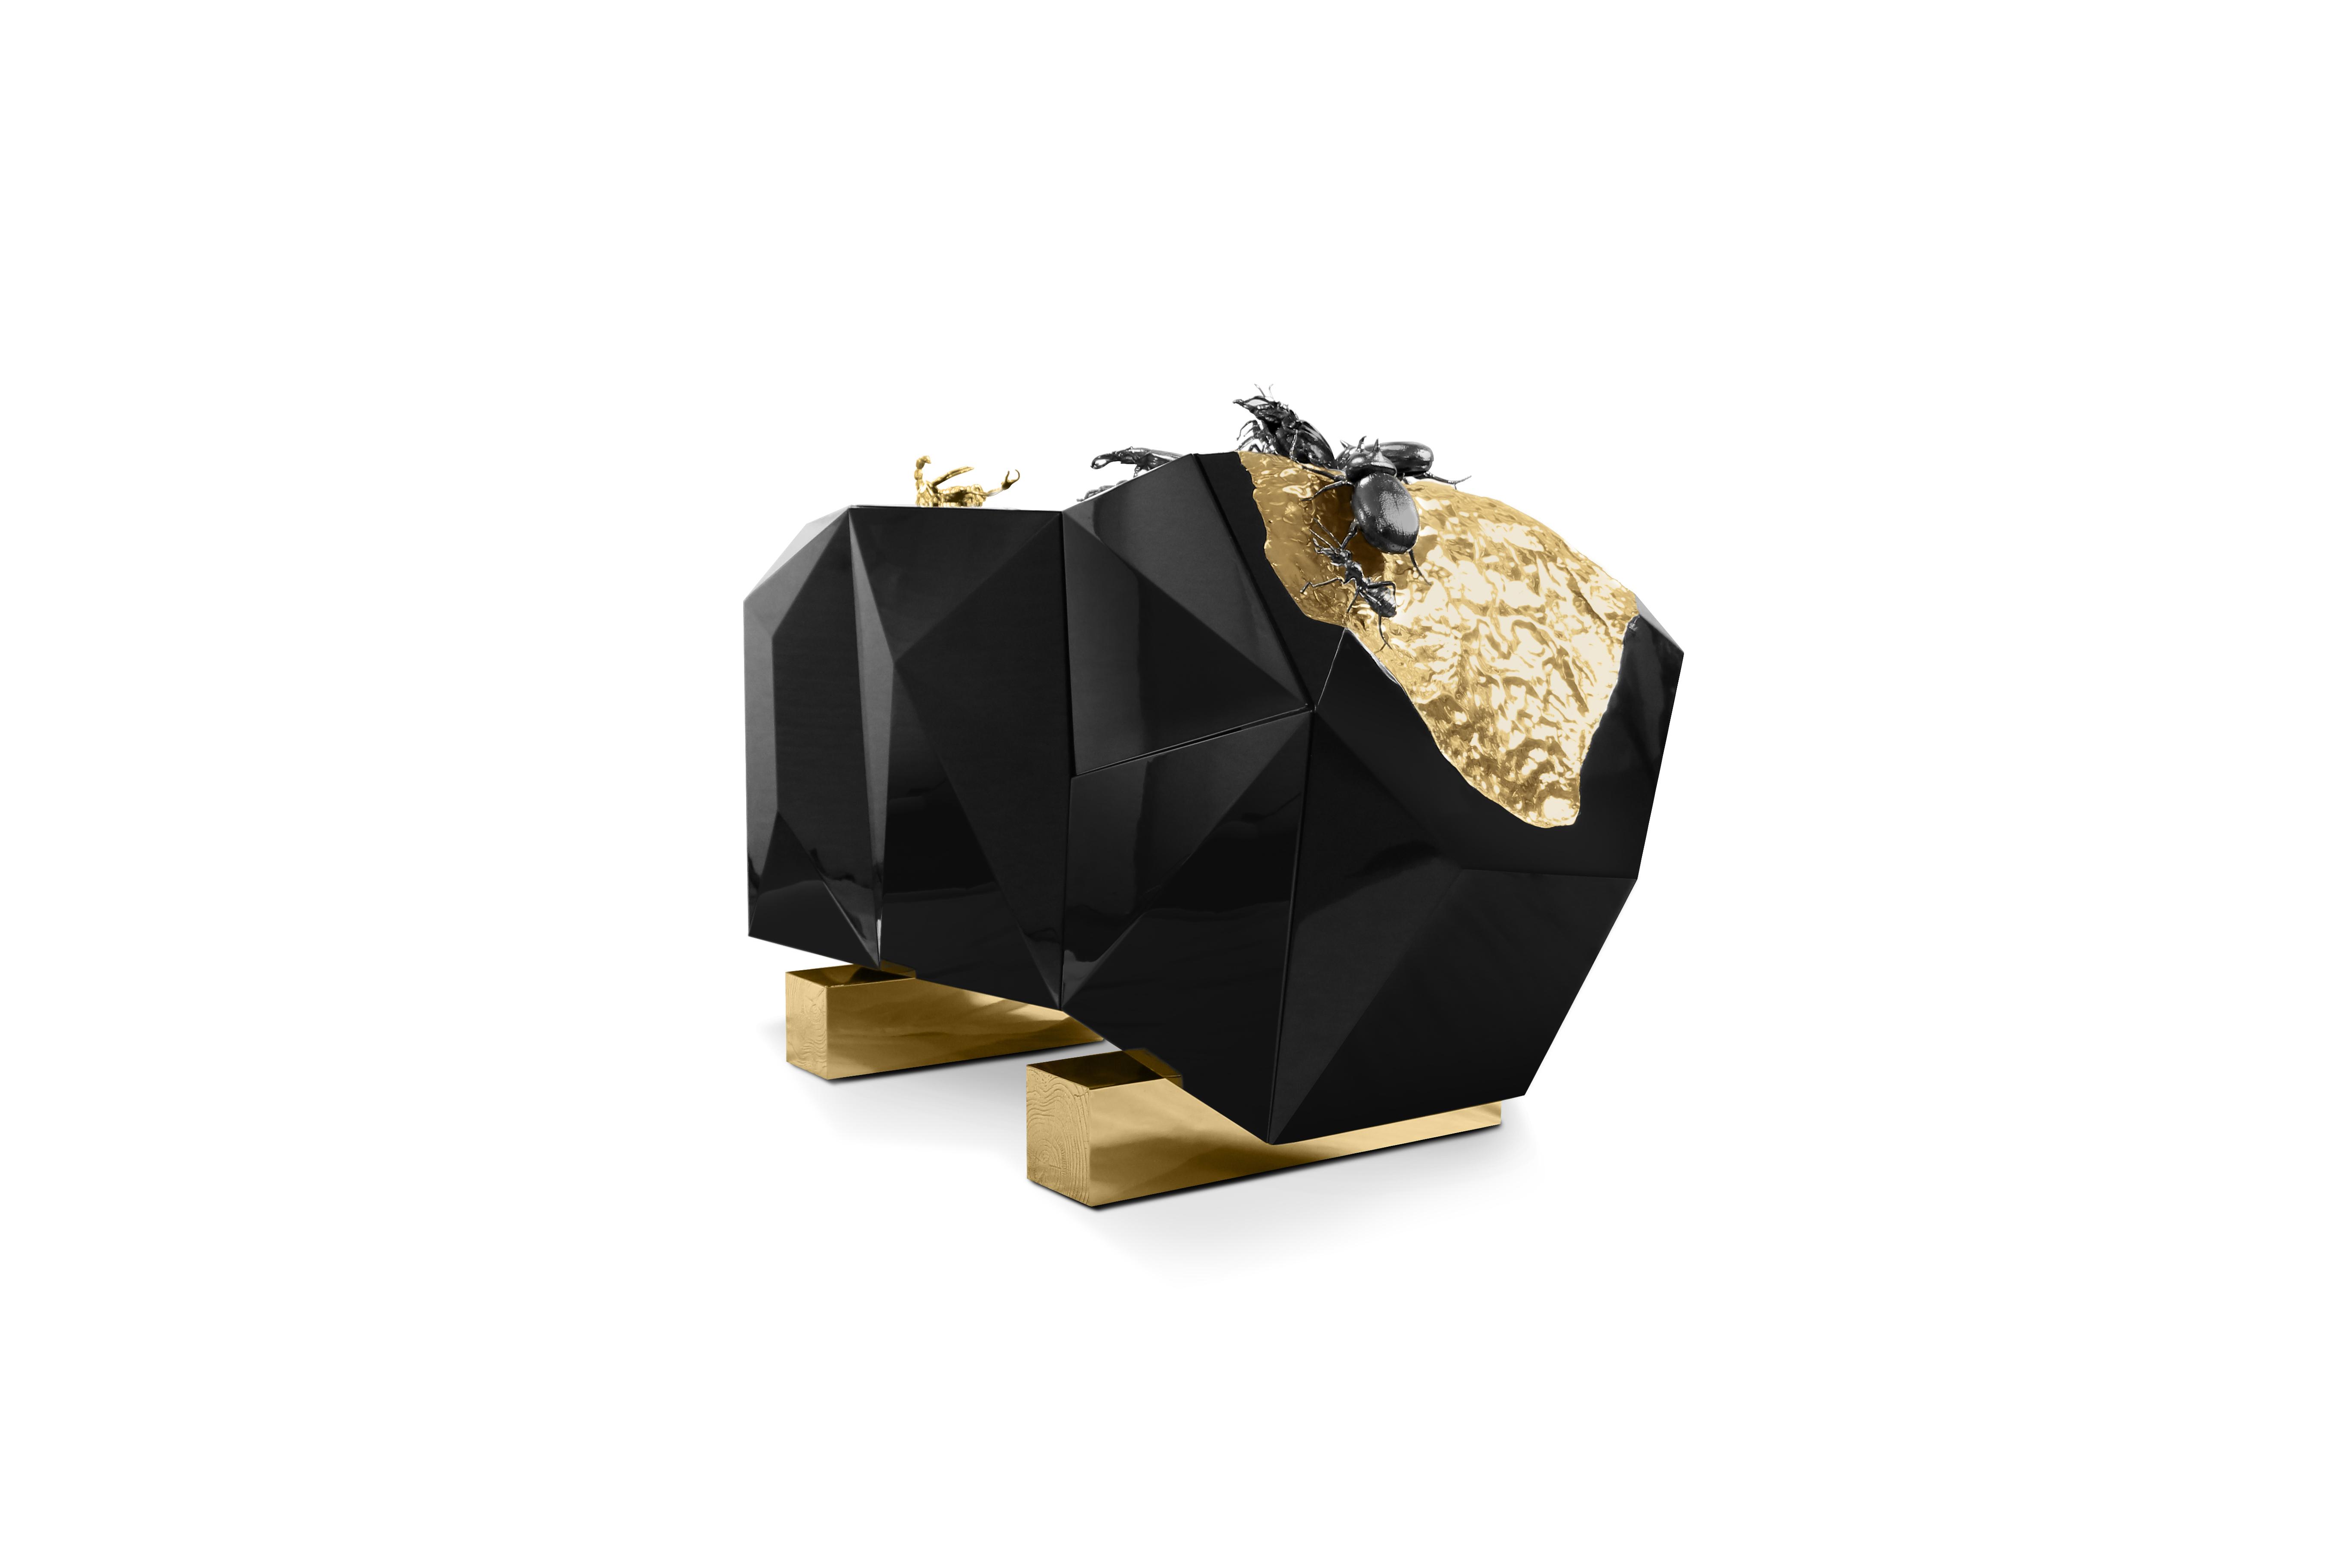 diamond-metamorphosis-02 boca do lobo GET IN THE MOOD WITH BOCA DO LOBO SPRING TRENDS FOR 2017! diamond metamorphosis 02